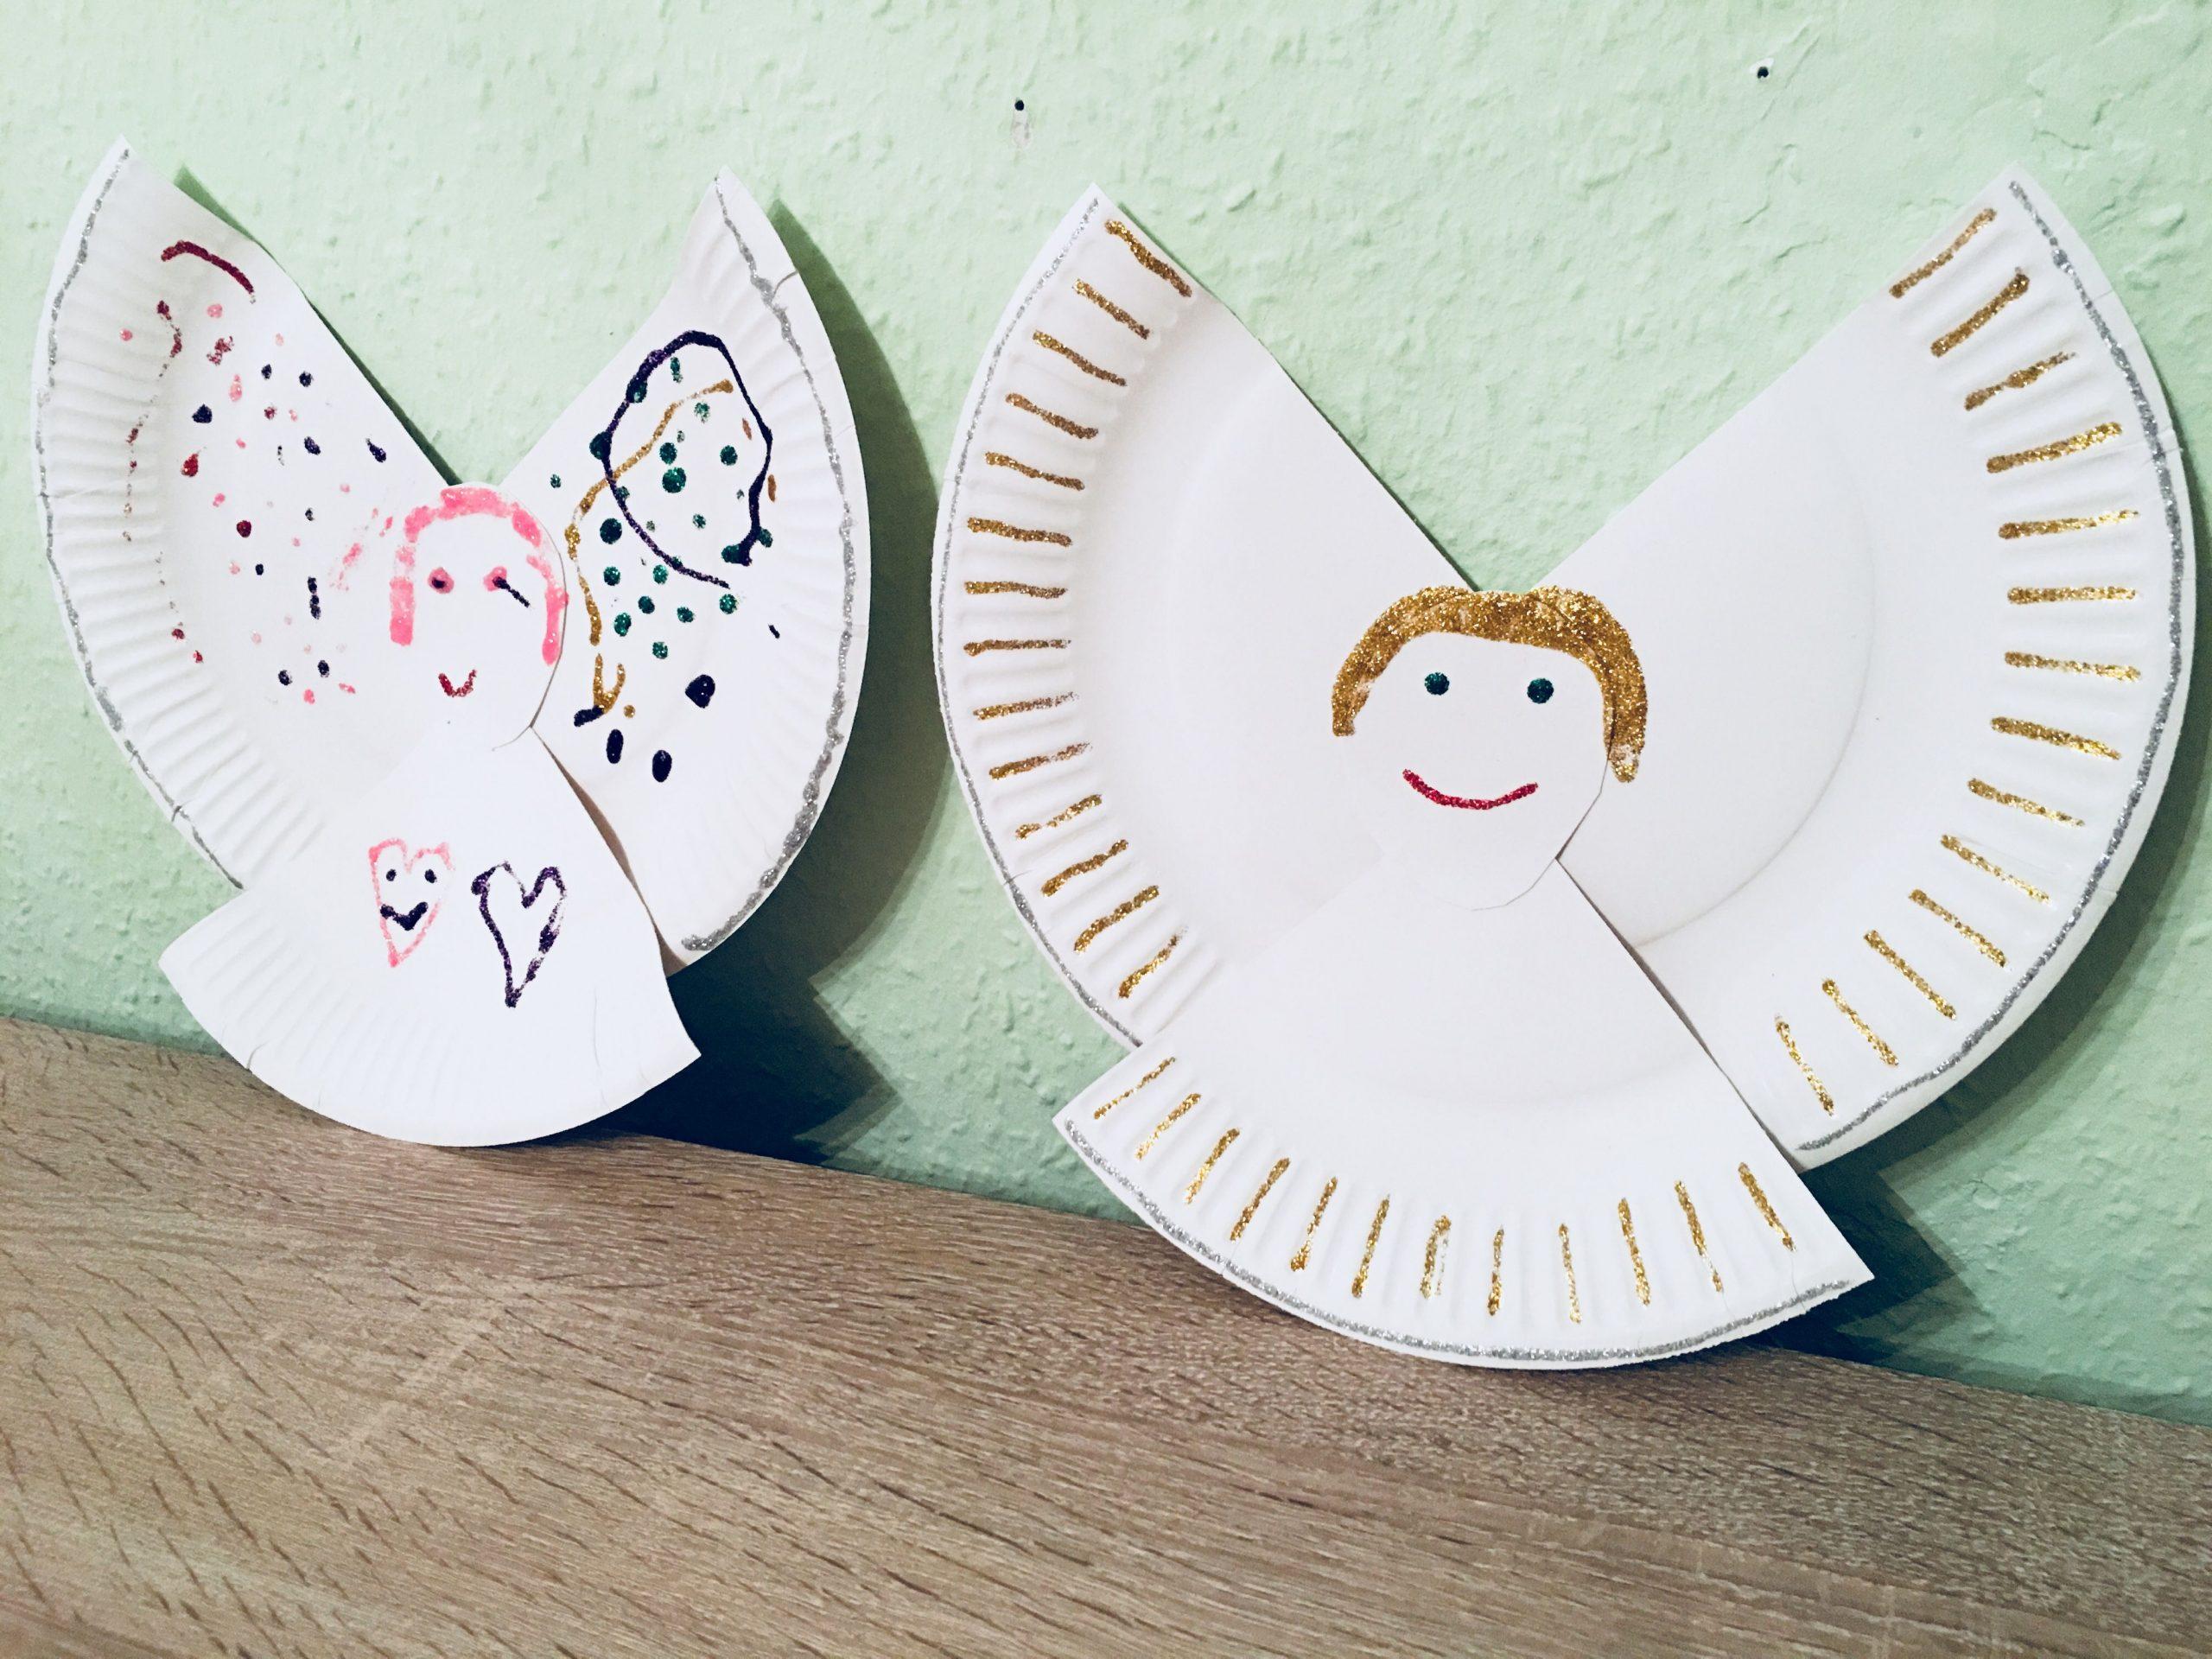 Pin Von Sh Auf Basteln Kinderstunde (Mit Bildern)   Basteln in Engel Basteln Vorlagen